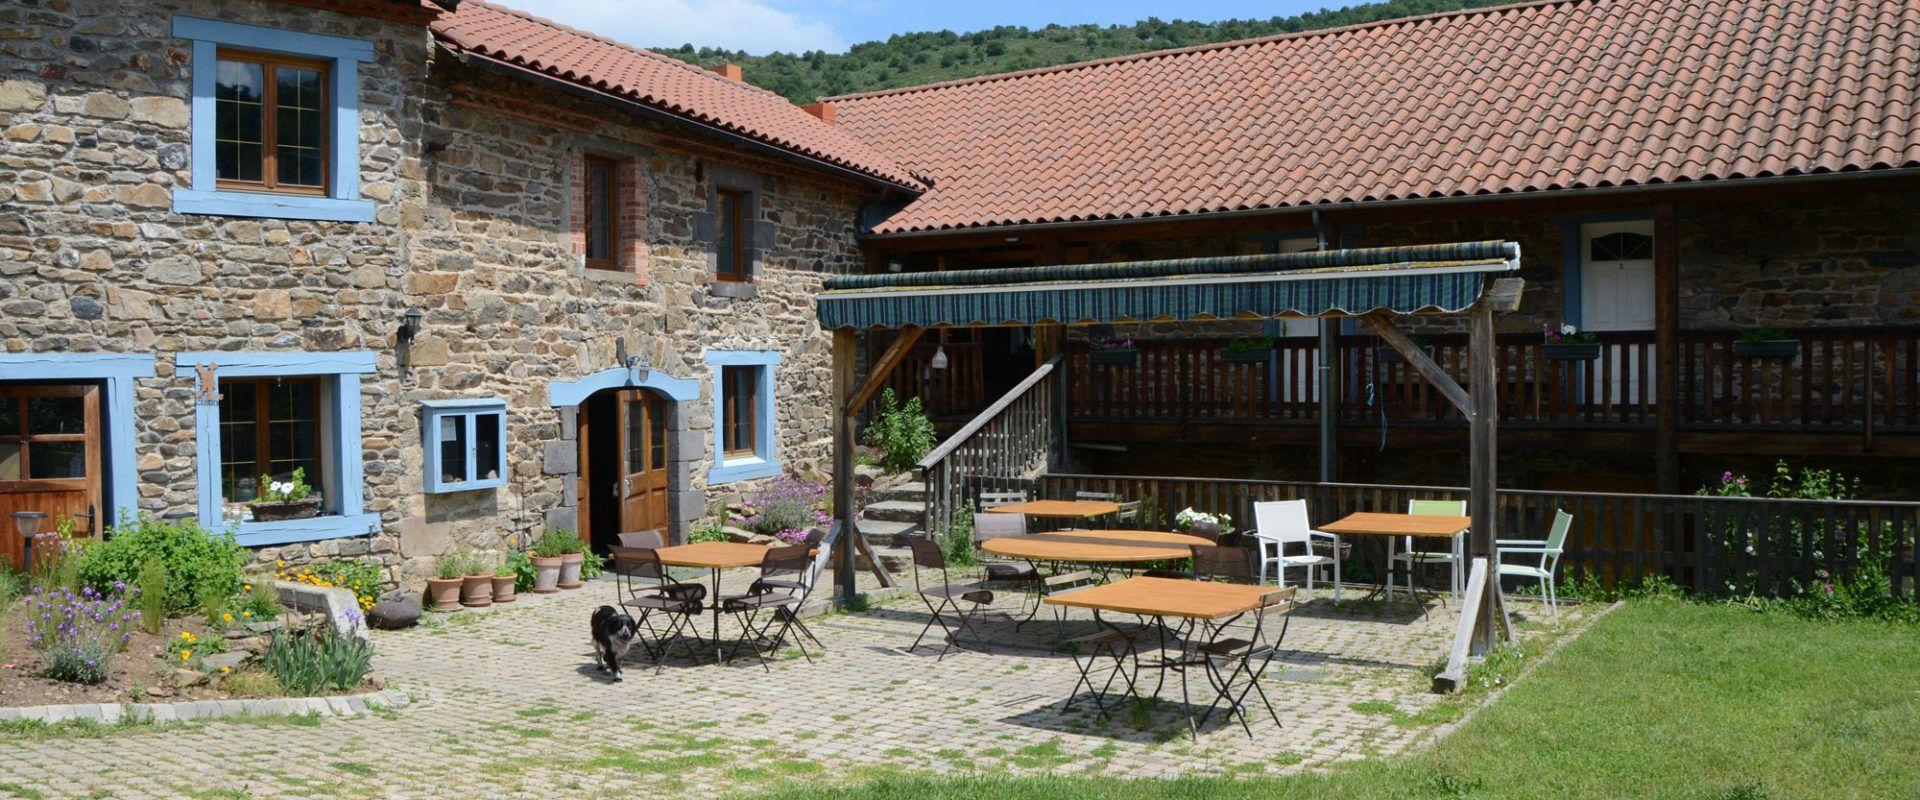 terrassee des chambres d'hôtes de Margaridou